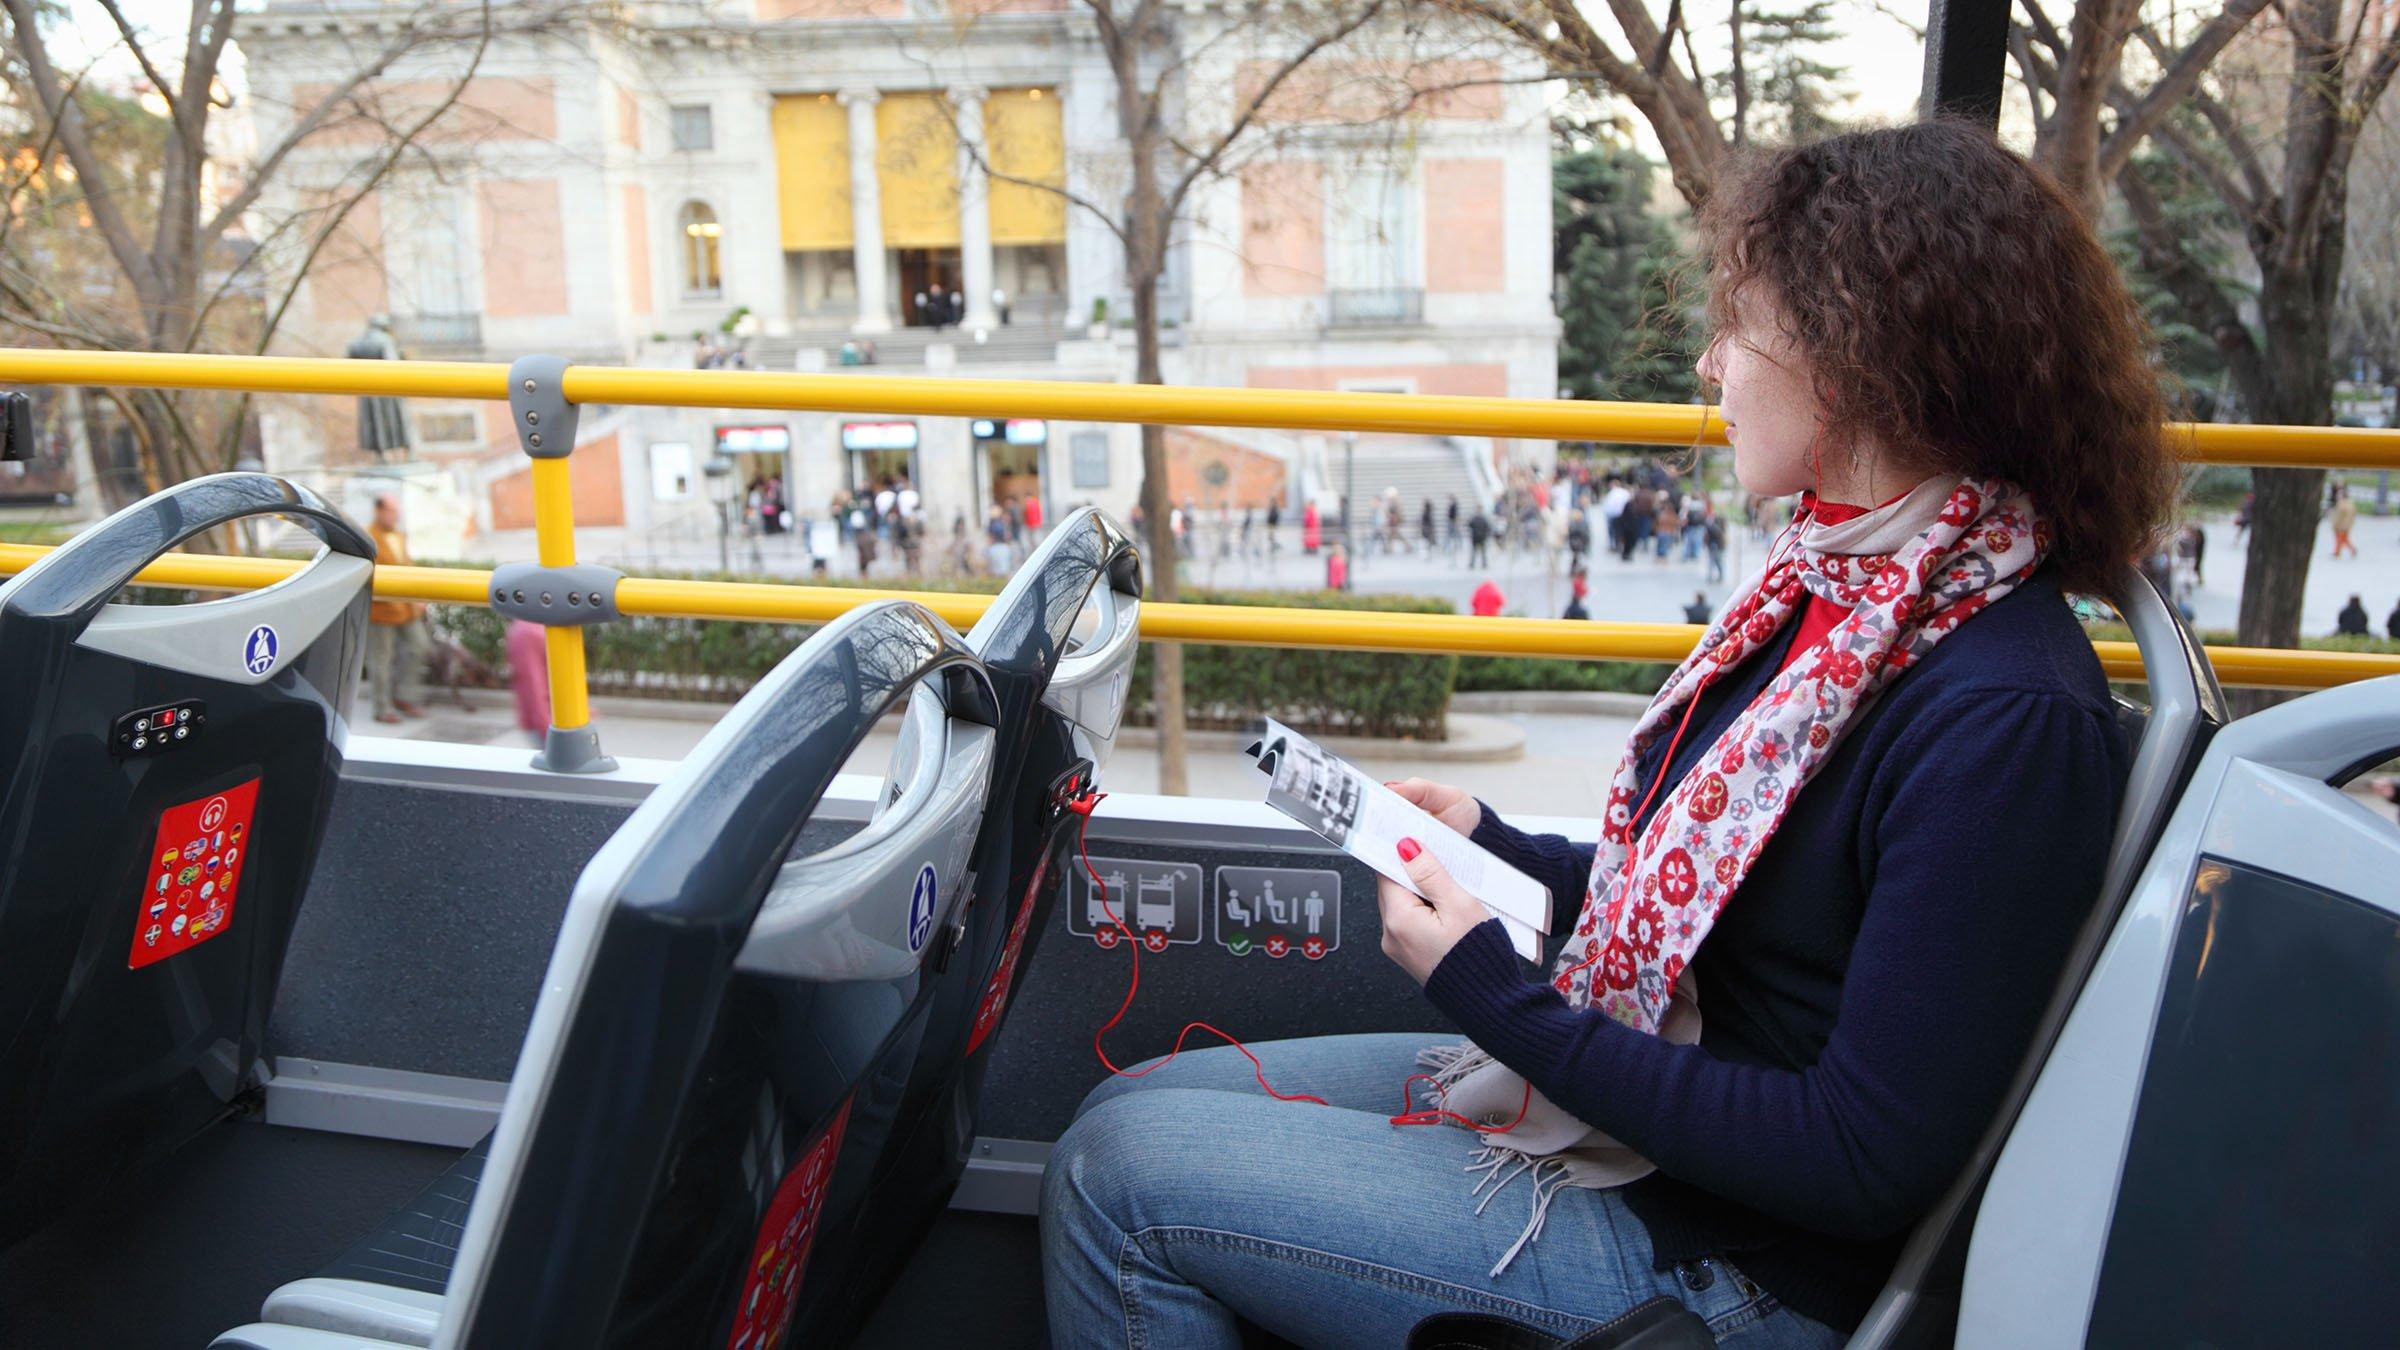 Lugares tur sticos de madrid for Lugares turisticos de espana madrid